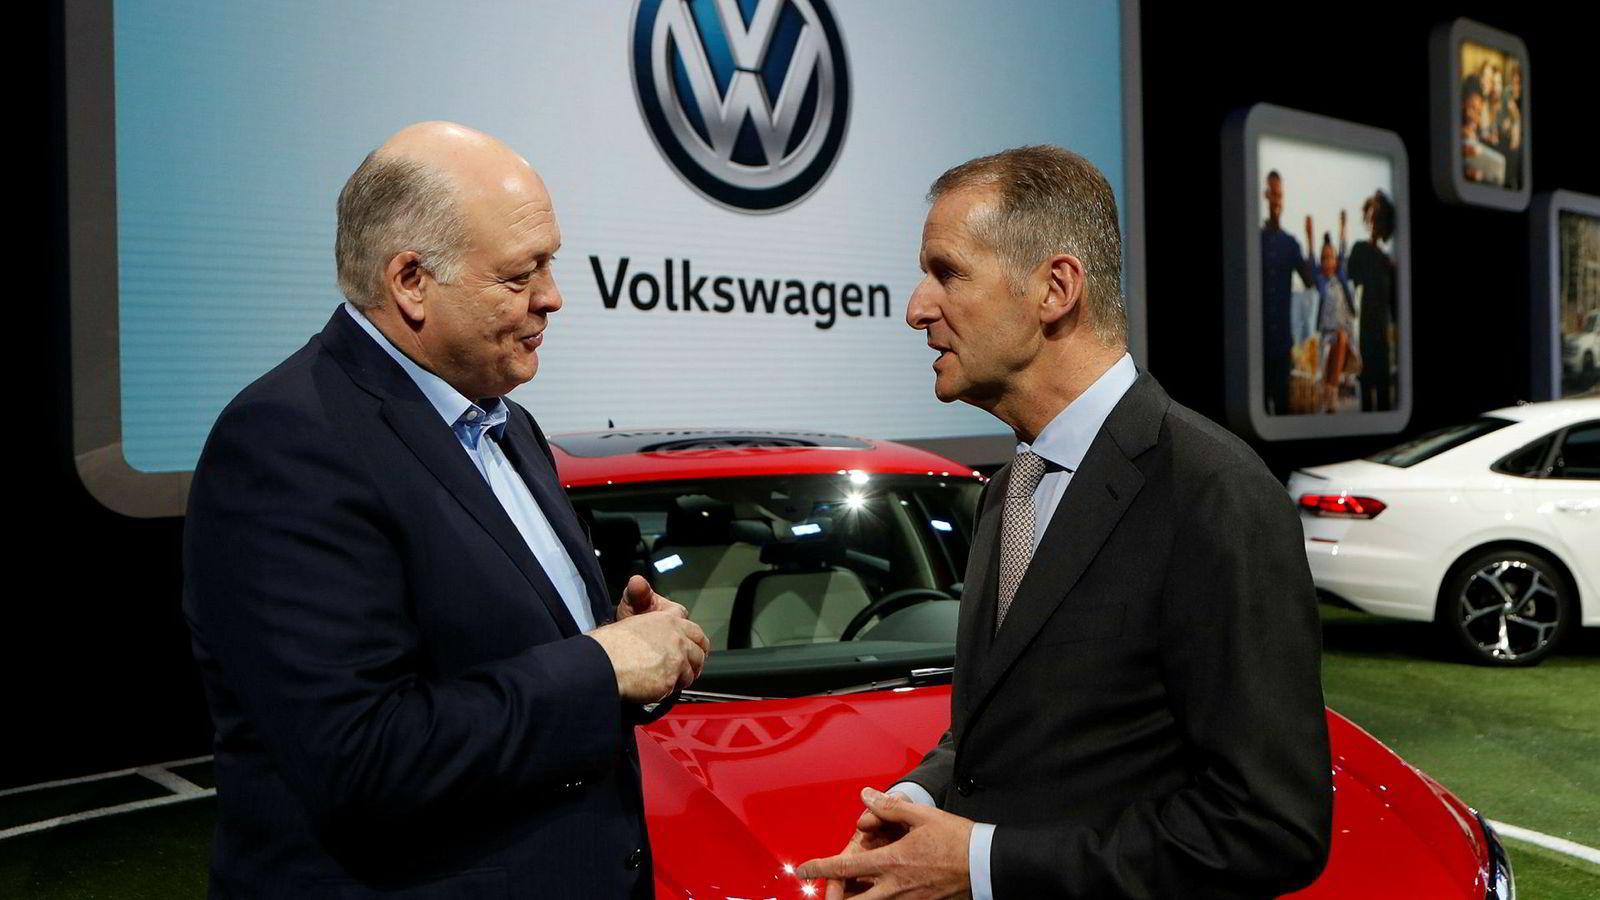 Ford-sjef Jim Hackett (til venstre) møtte Herbert Diess, sjef for Volkswagen AG, under den internasjonale bilutstillingen i Detroit denne uken.